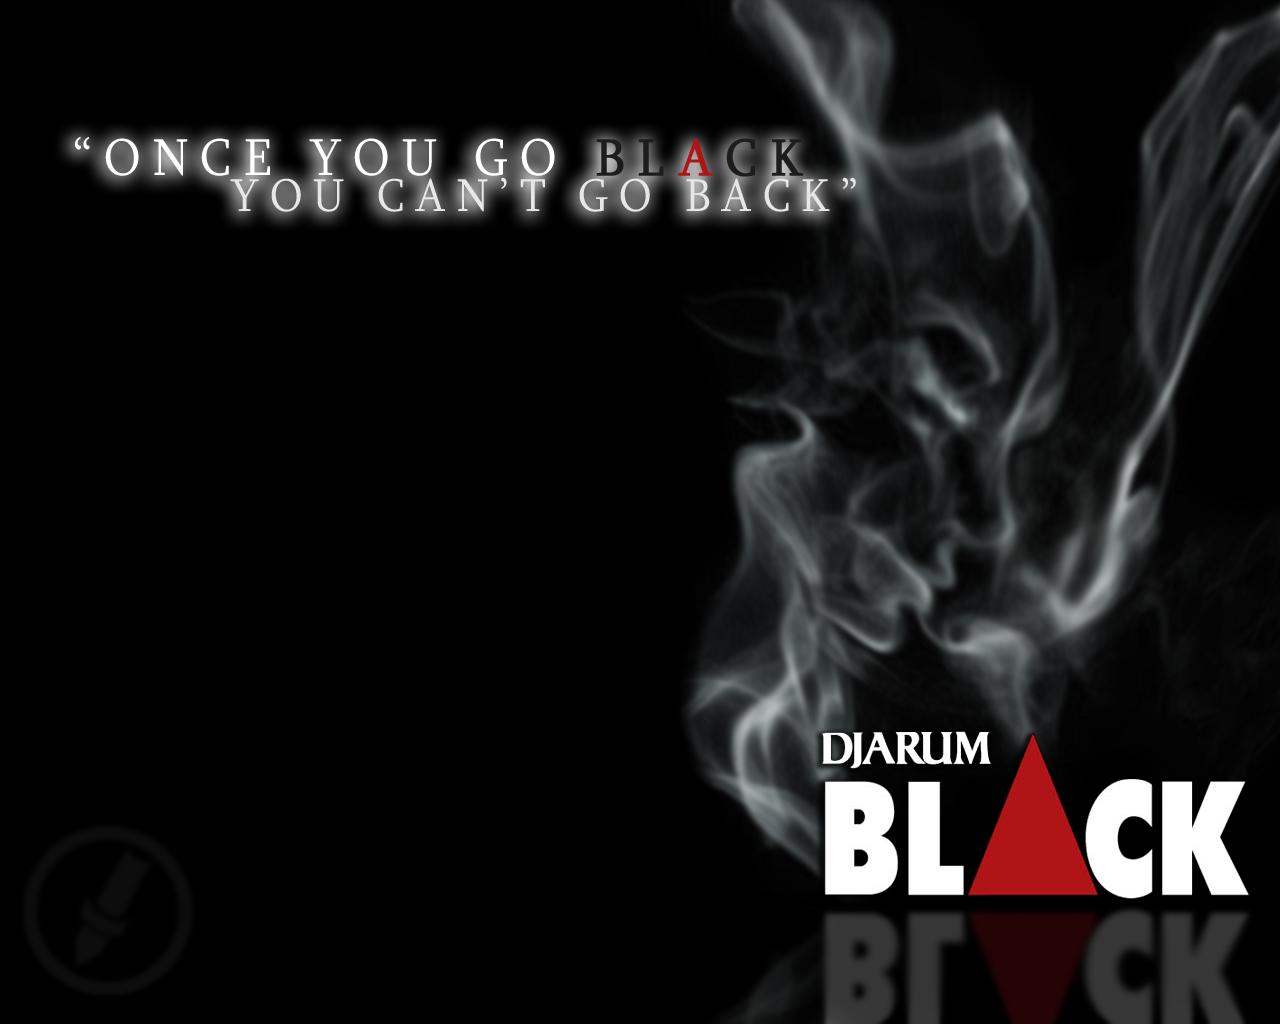 http://4.bp.blogspot.com/_JL97QdHC9yU/SlNcjIiCDzI/AAAAAAAAAAw/JnP7fdSqYfQ/S1600-R/djarum_black_wallpaper_by_ninguy.jpg